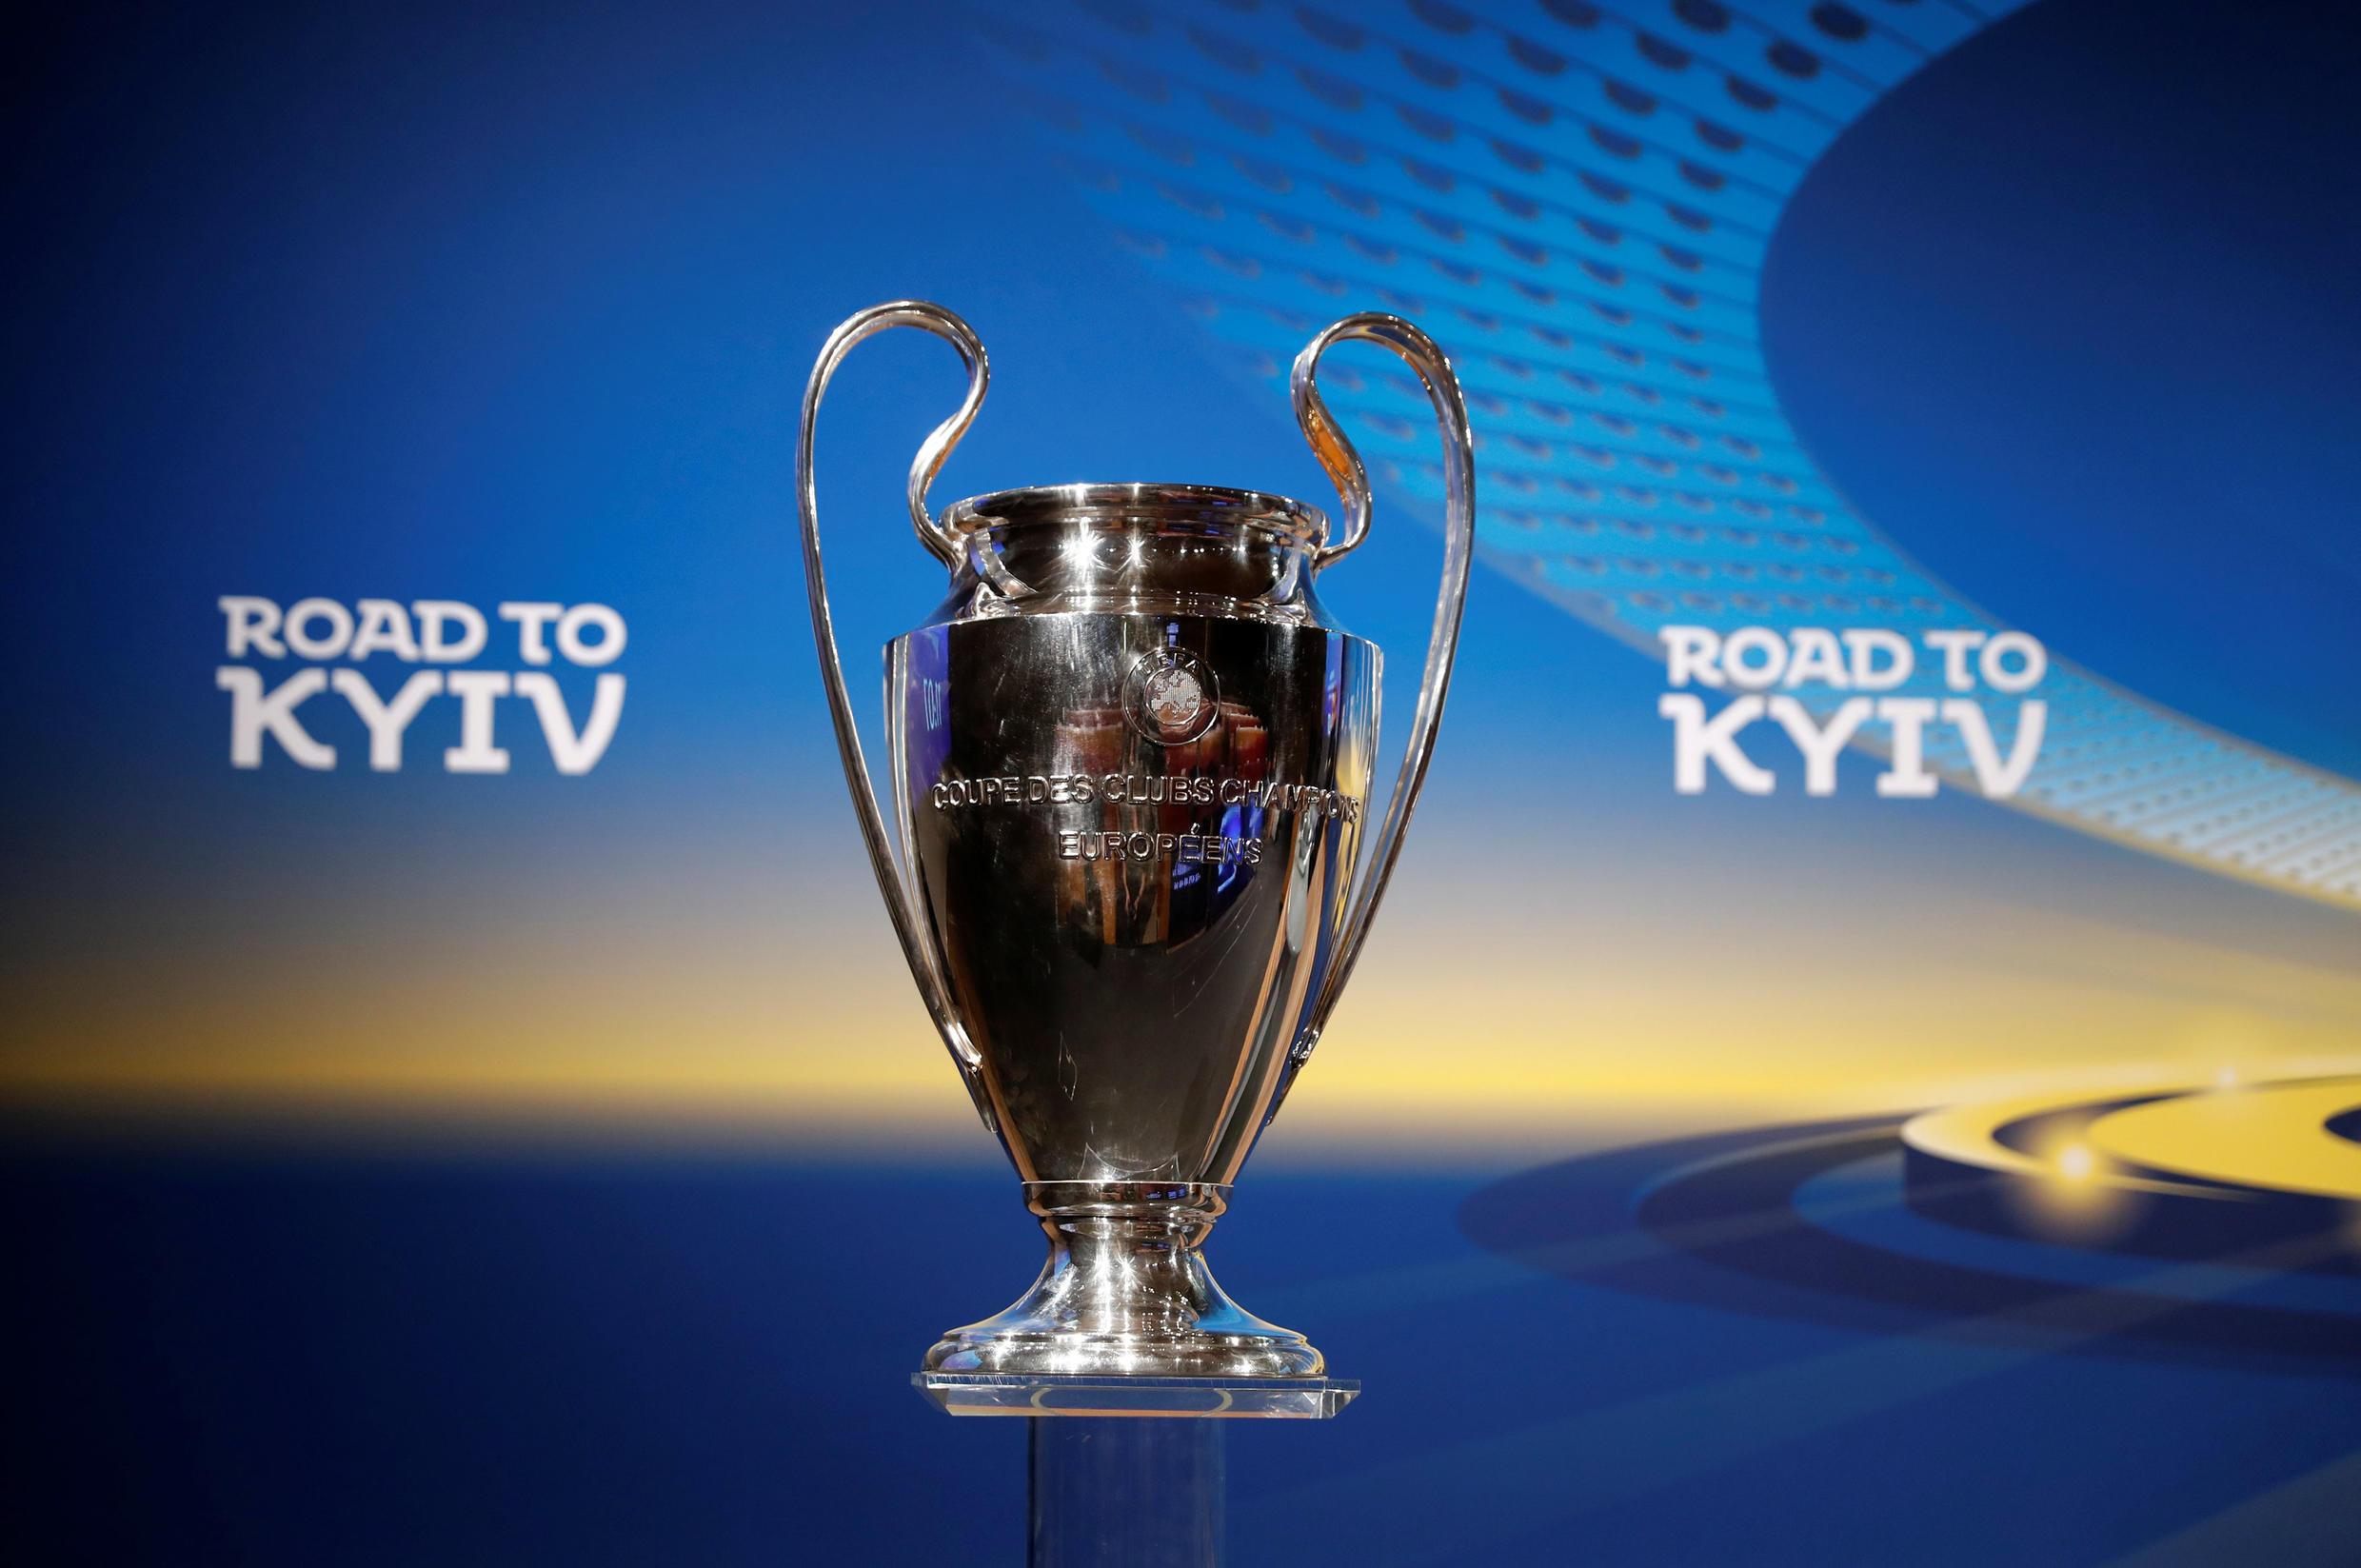 El trofeo de la liga de campeones que este año se entrega en Kiev.